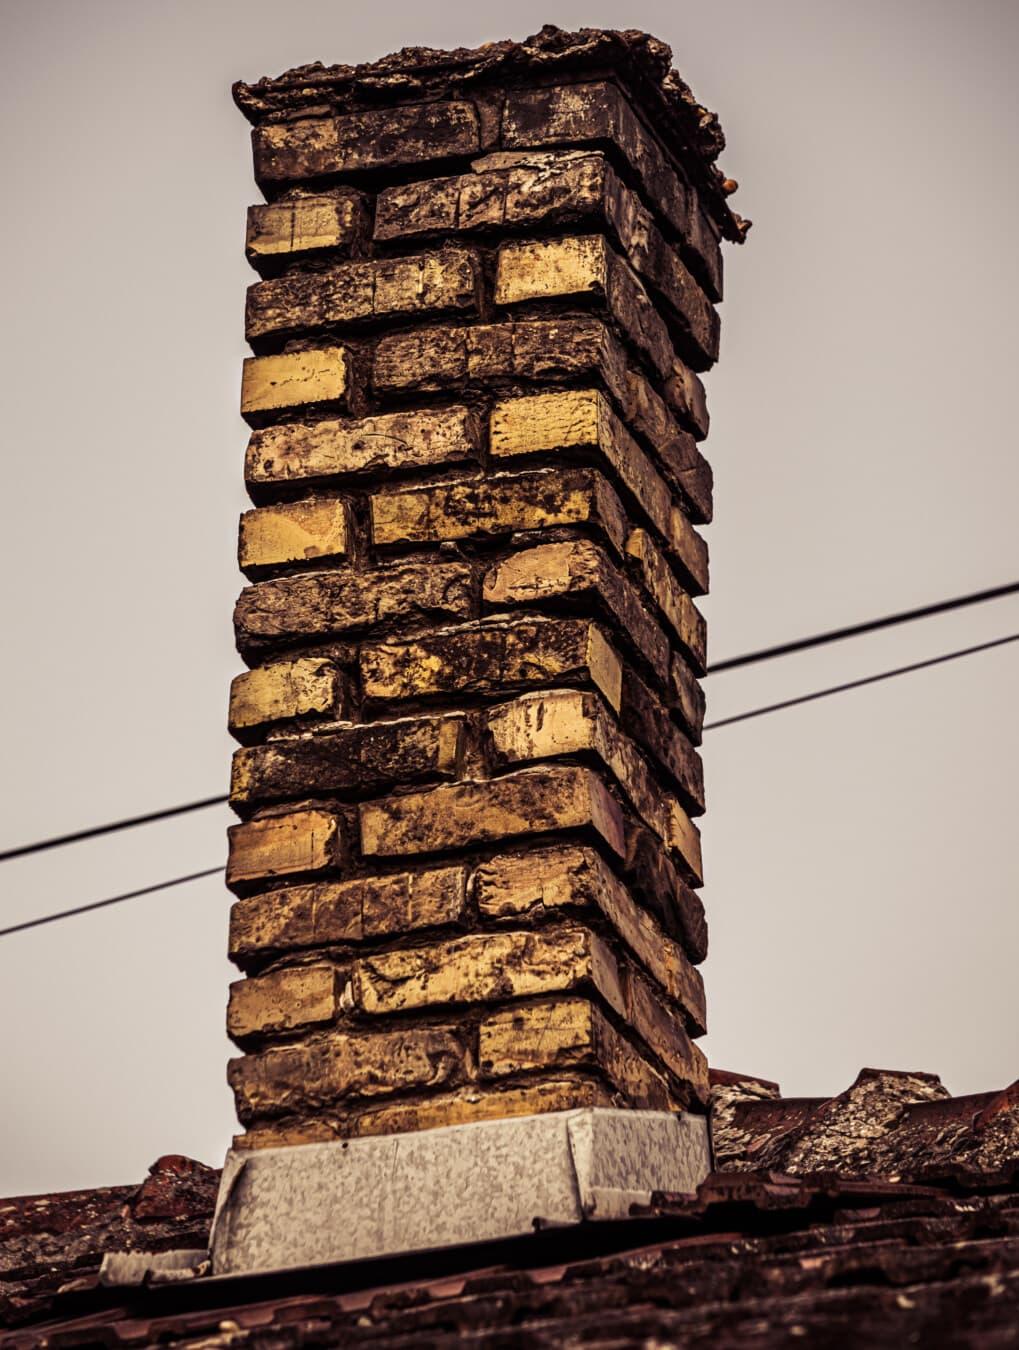 Schornstein, Ziegel, Dach, alt, Ruine, verlassen, Verfall, auf dem Dach, Architektur, Ziegel